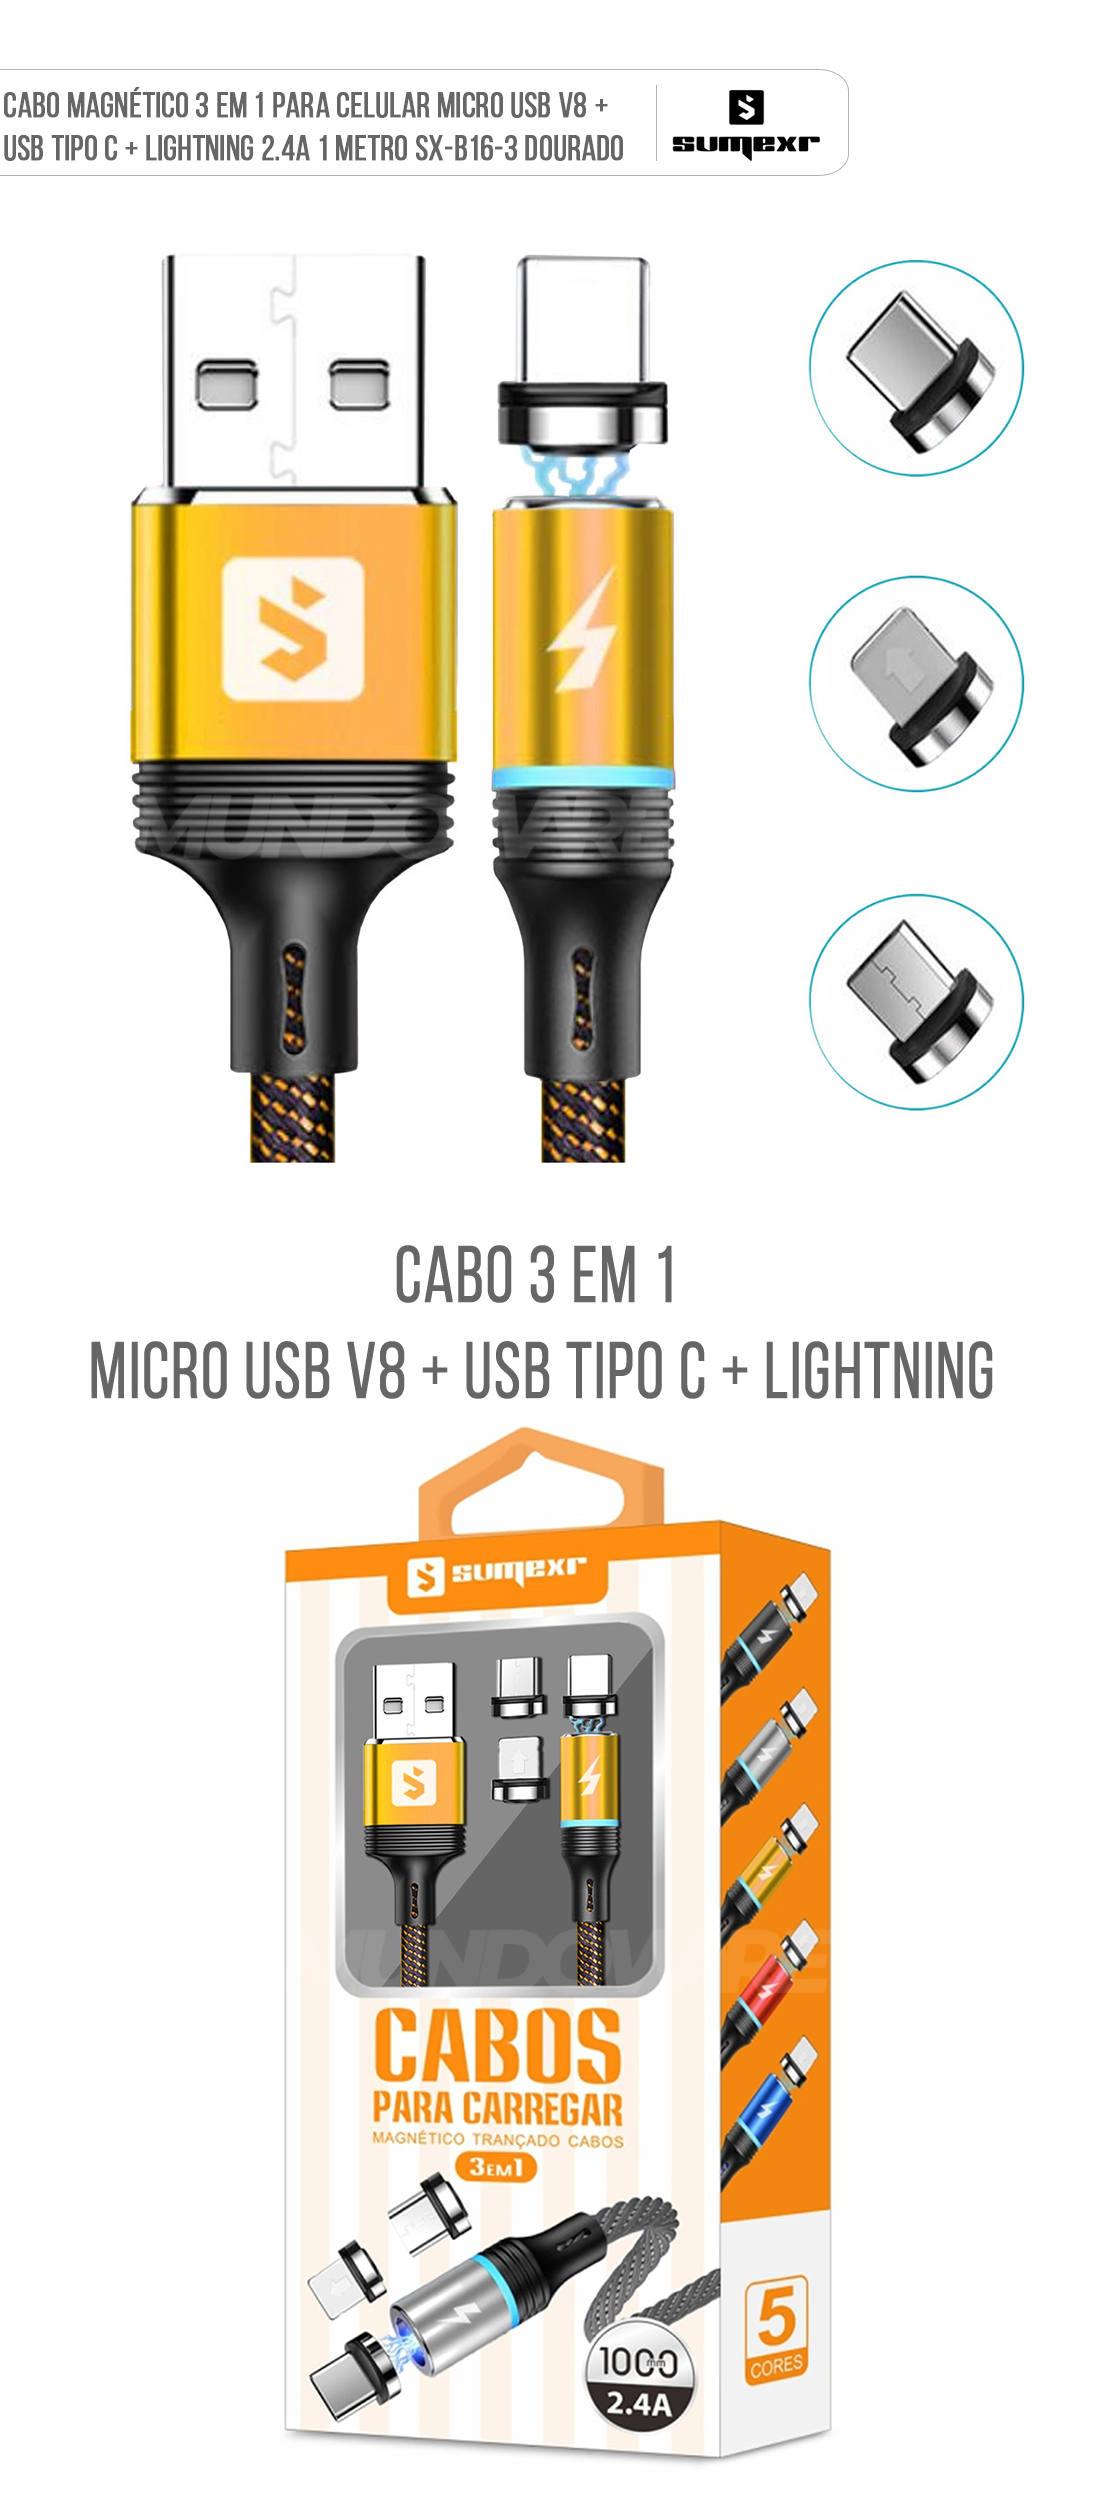 Cabo Magnético 3 em 1 para Celular Micro USB V8 + USB Tipo C + Lightning 2.4A 1 metro SX-B16-3 Dourado